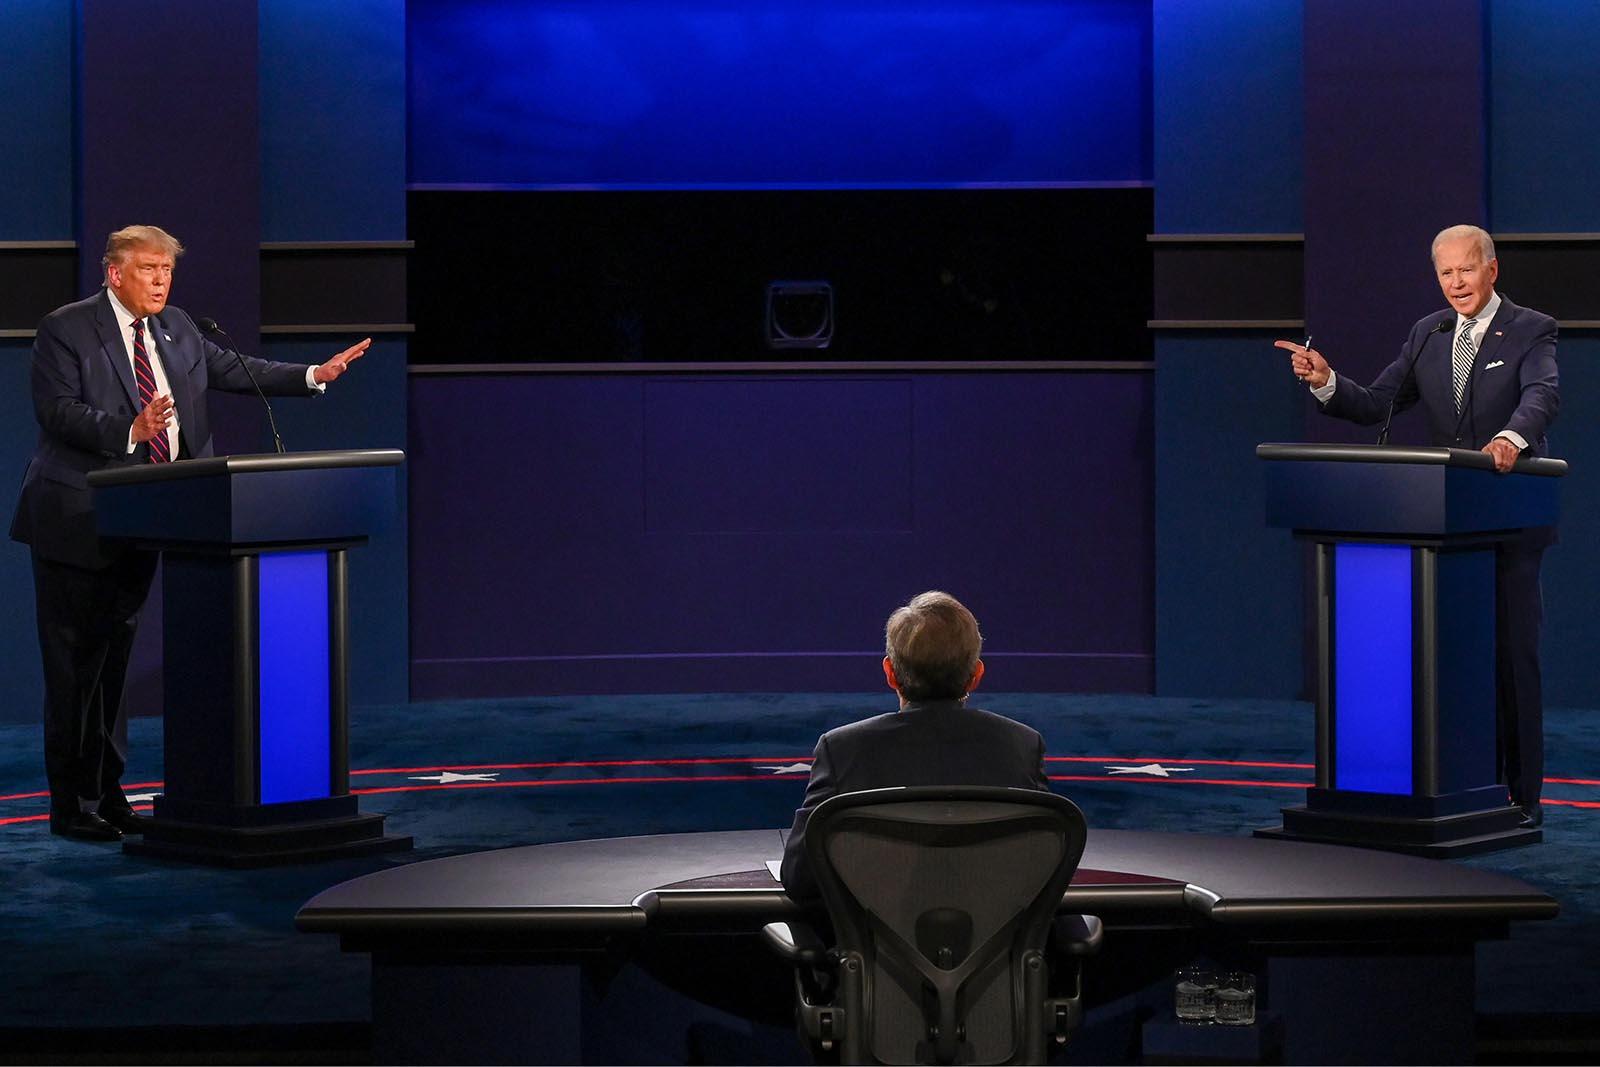 """Twitter """"bùng nổ"""" sau màn tranh luận """"hỗn loạn"""" giữa hai ứng viên tổng thống Mỹ  - Ảnh 1"""